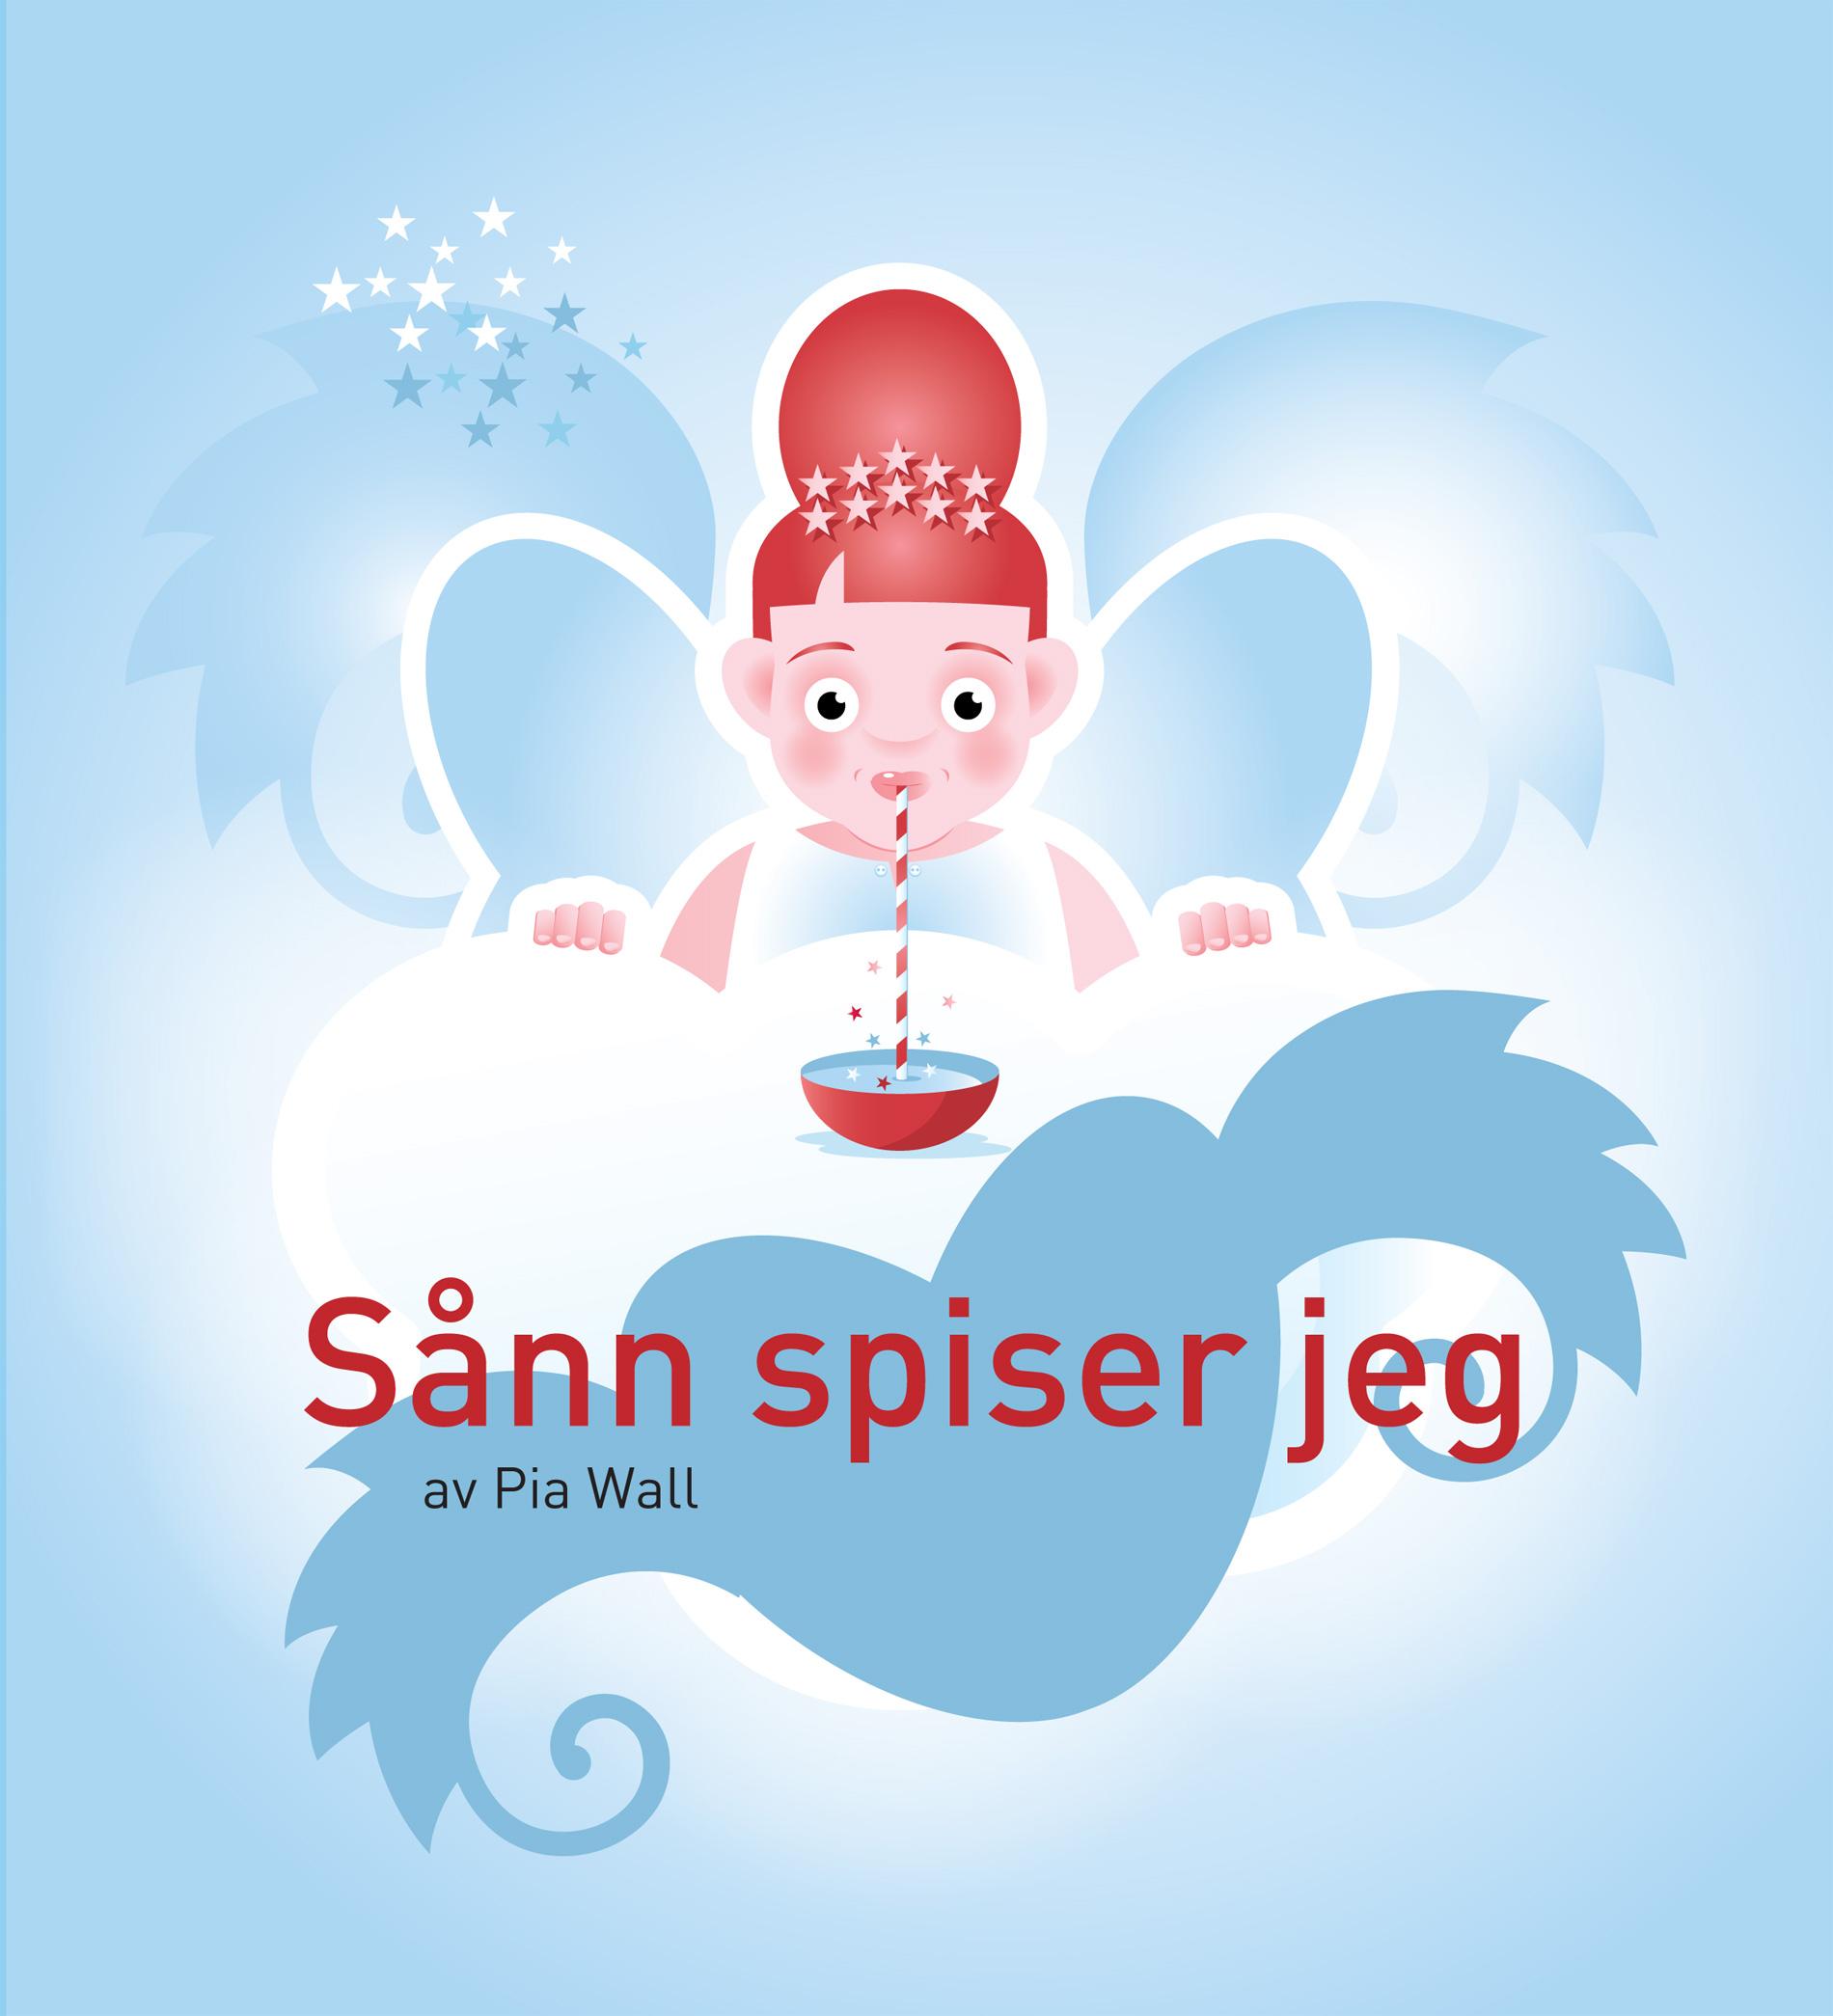 Sånn spiser jeg av Pia Wall. En bok for barn.